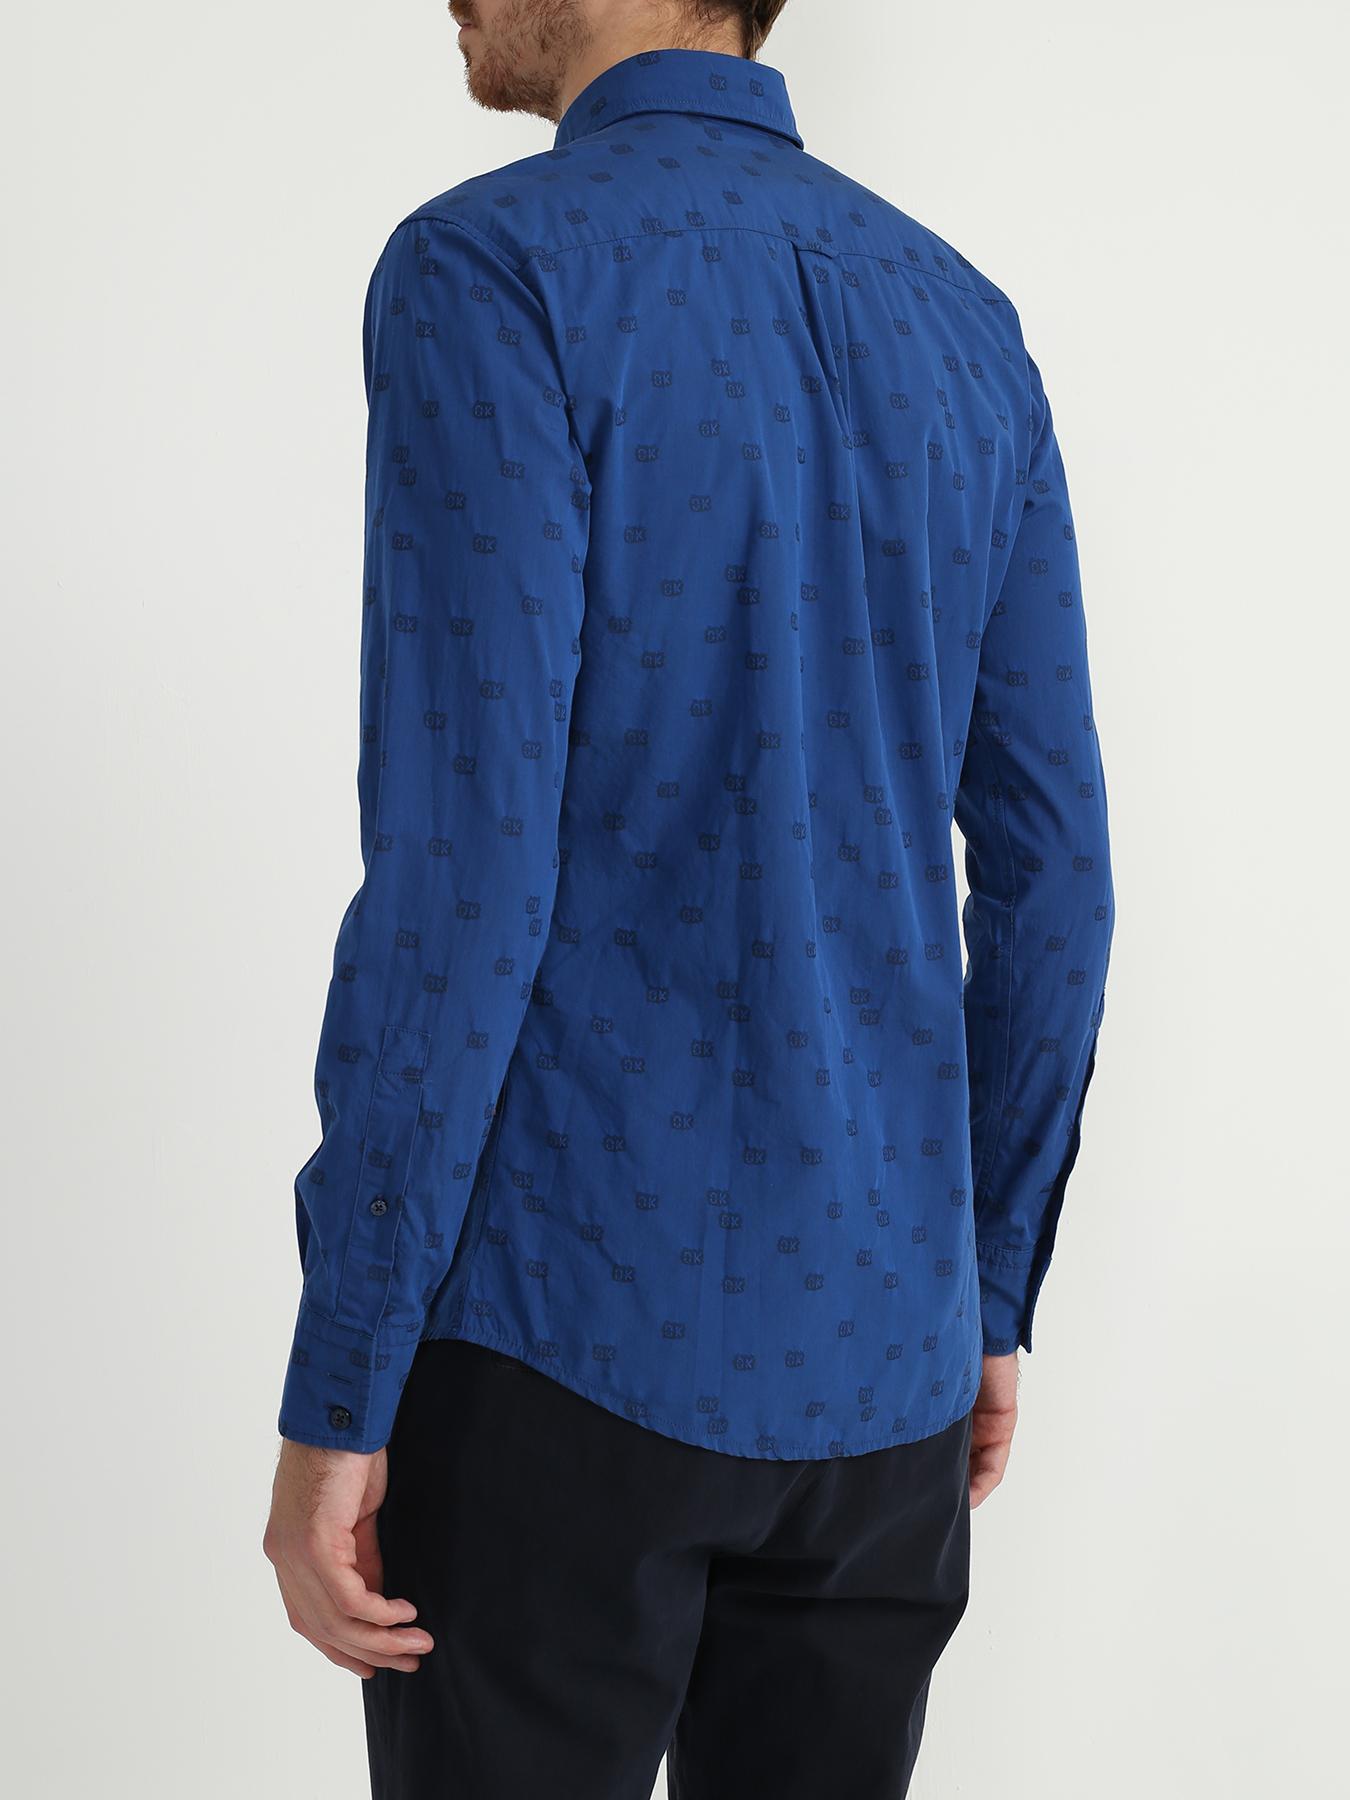 BOSS Рубашка с надписями Mabsoot 338045-043 Фото 2